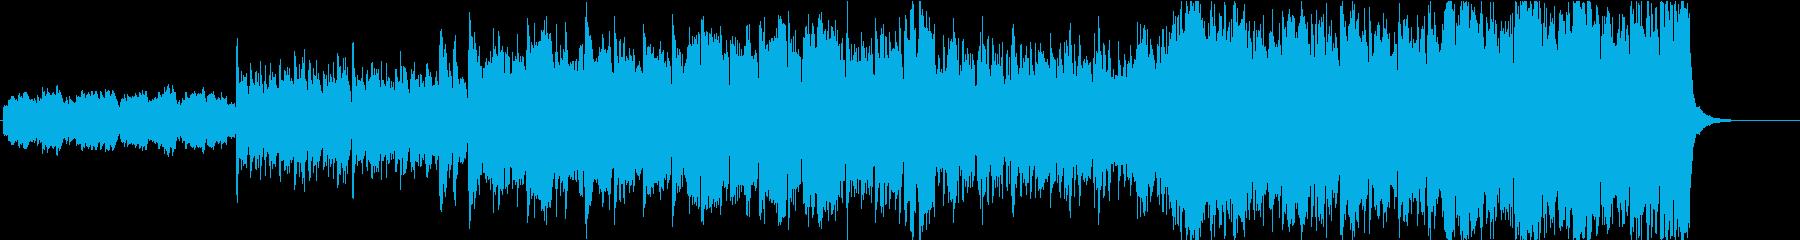 グロッケン主体のメルヘンなオーケストラの再生済みの波形